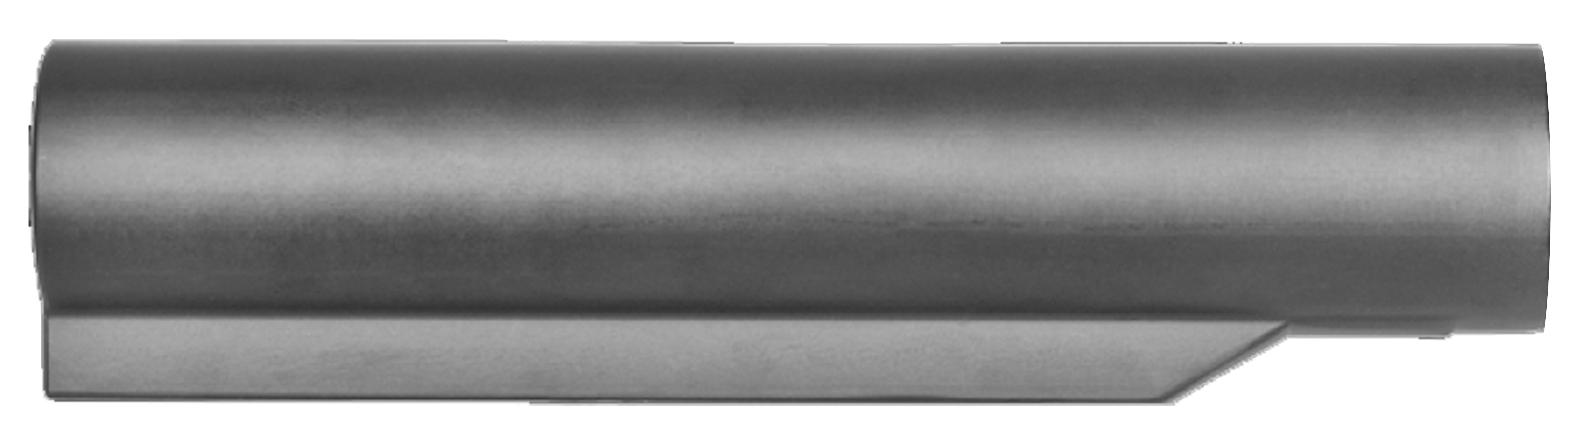 Приклад M4-AKMS-S - фото 2